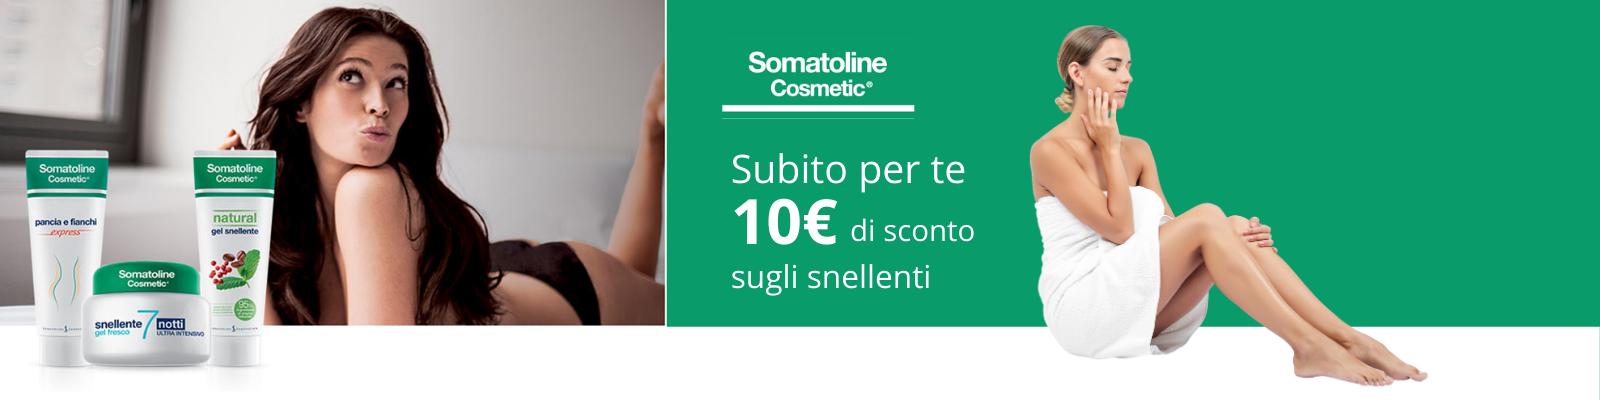 Somatoline sconto 10€